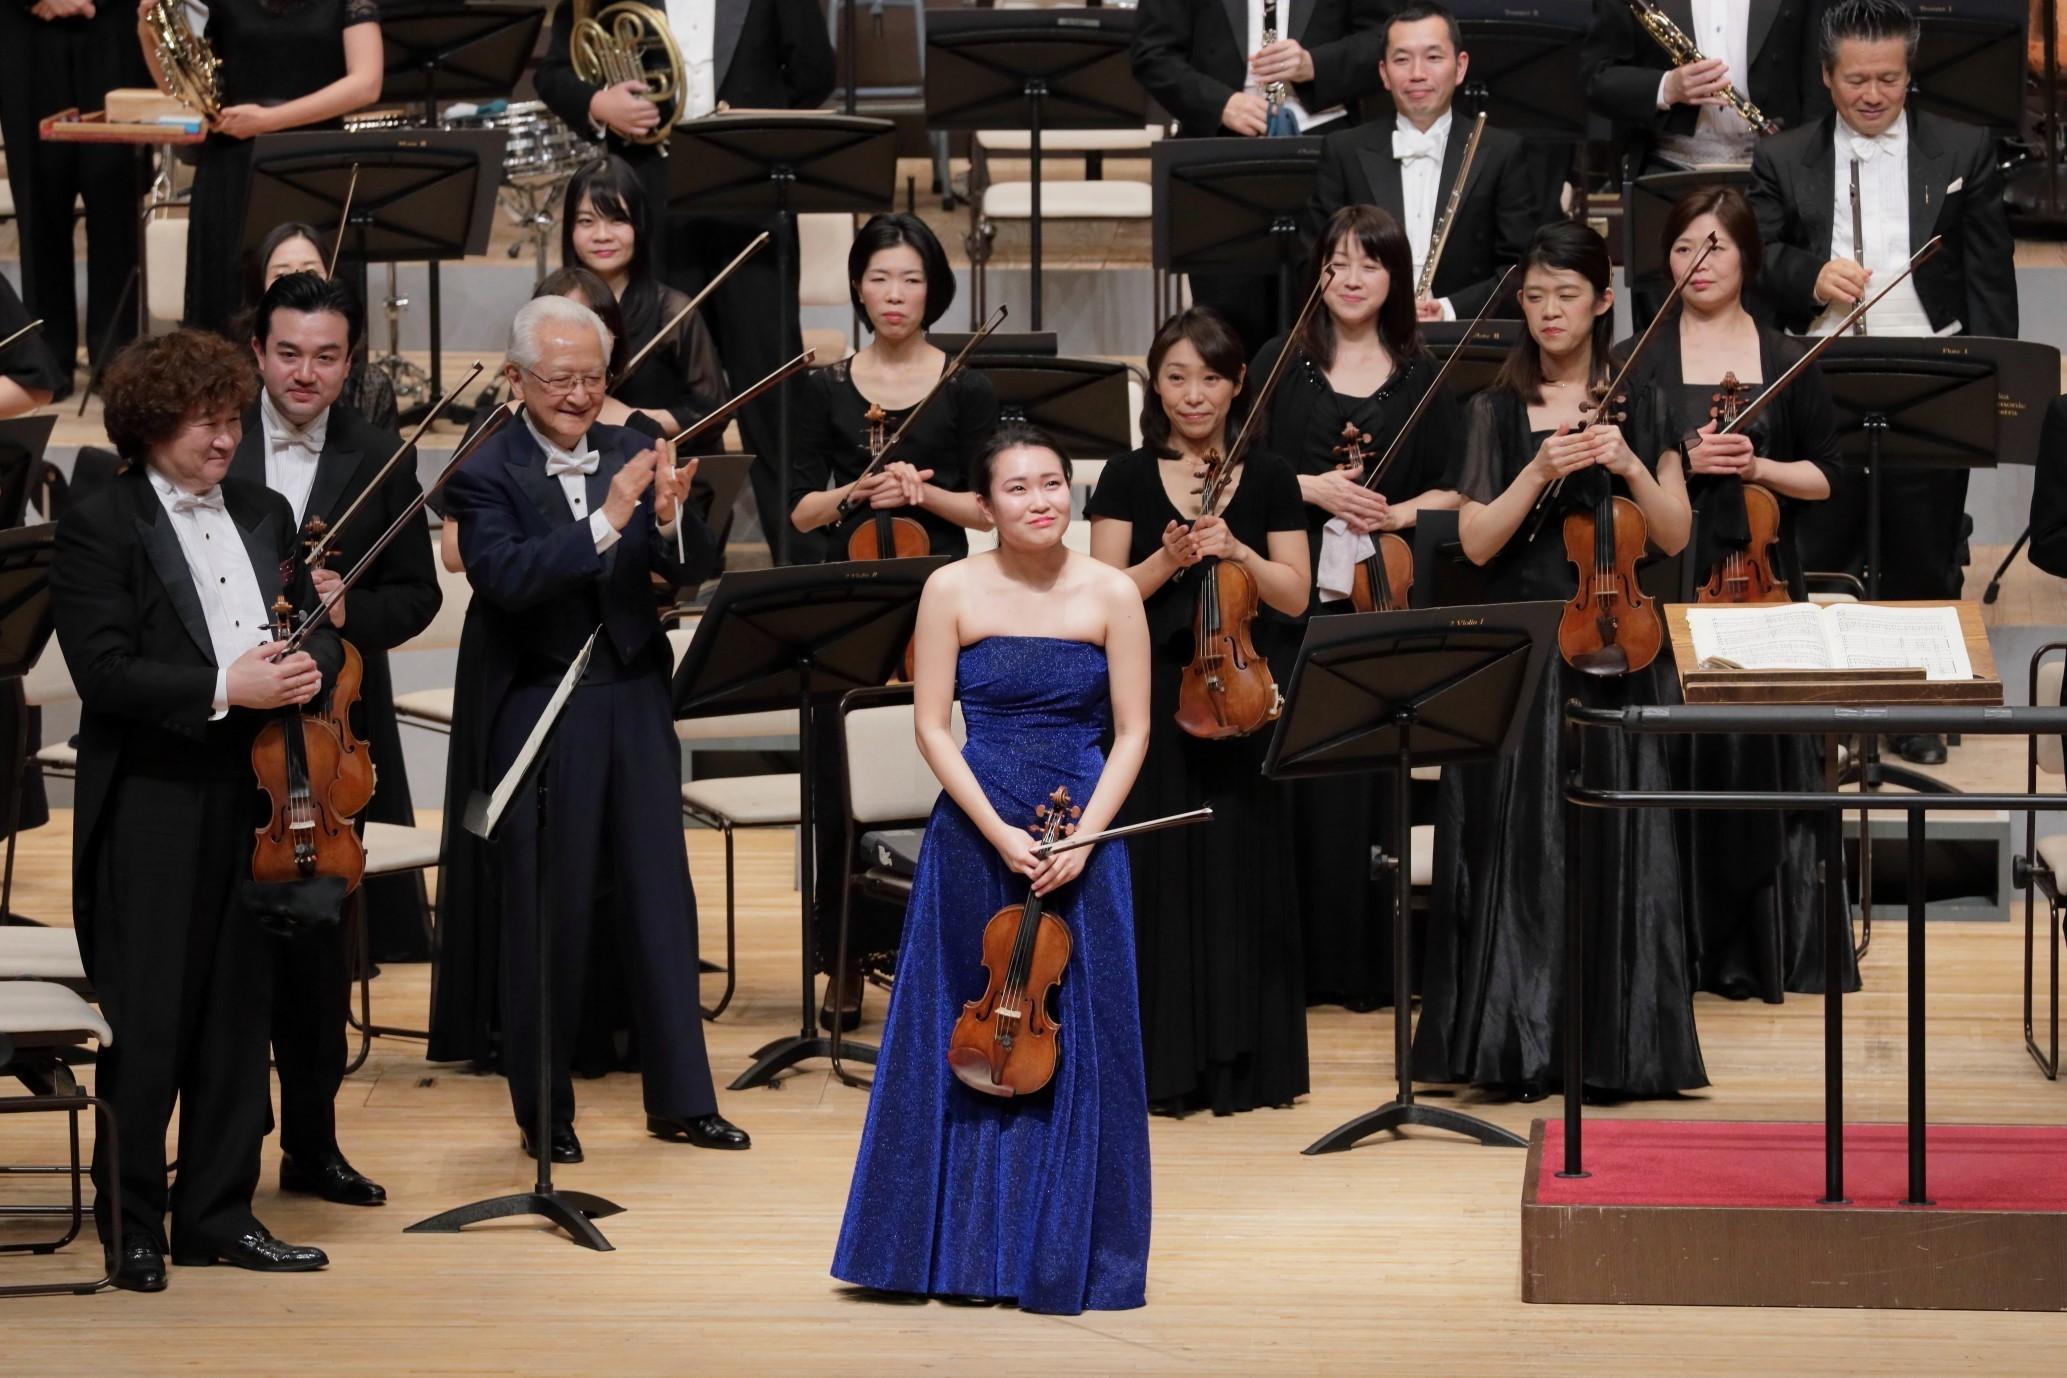 プロコフィエフの2番は秋山さんはじめ楽員も大絶賛でした!(「第535回定期」2020.2 フェスティバルH)  (C)飯島隆